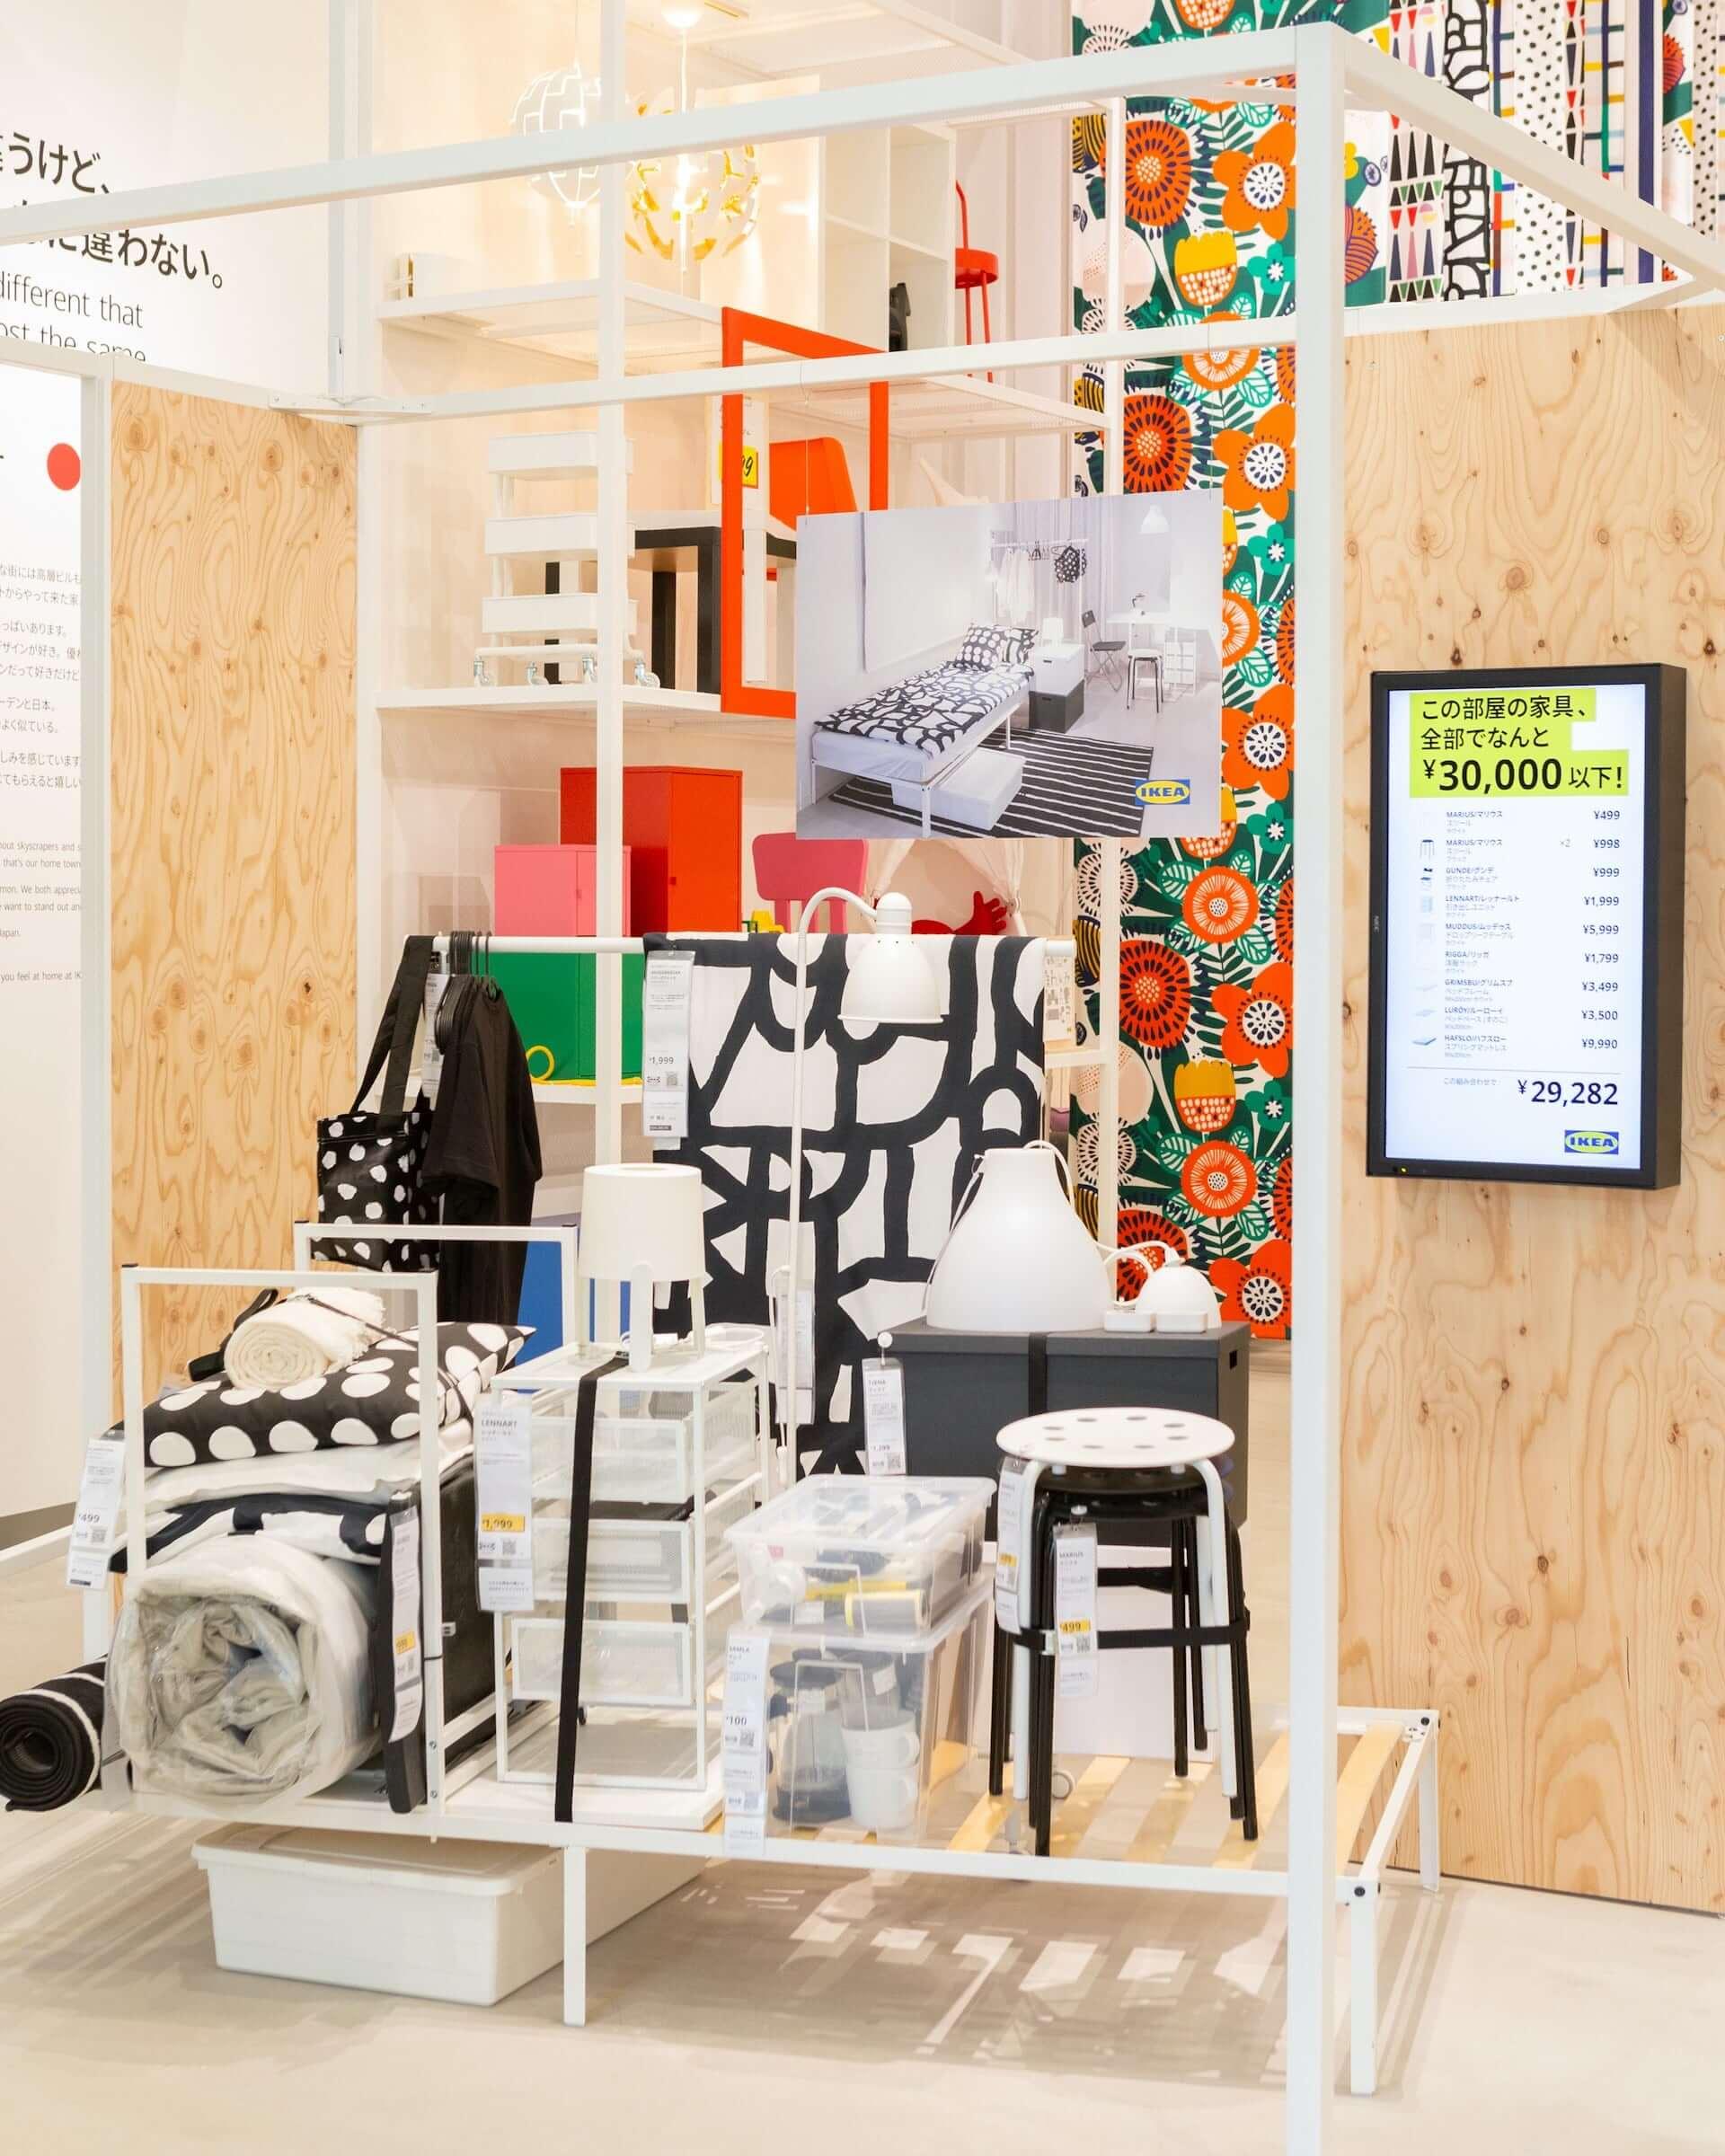 IKEAがついに原宿に登場!WITH HARAJUKUに6月8日オープン決定&内装も一部公開 lf200604_ikea_harajuku_14-1920x2400